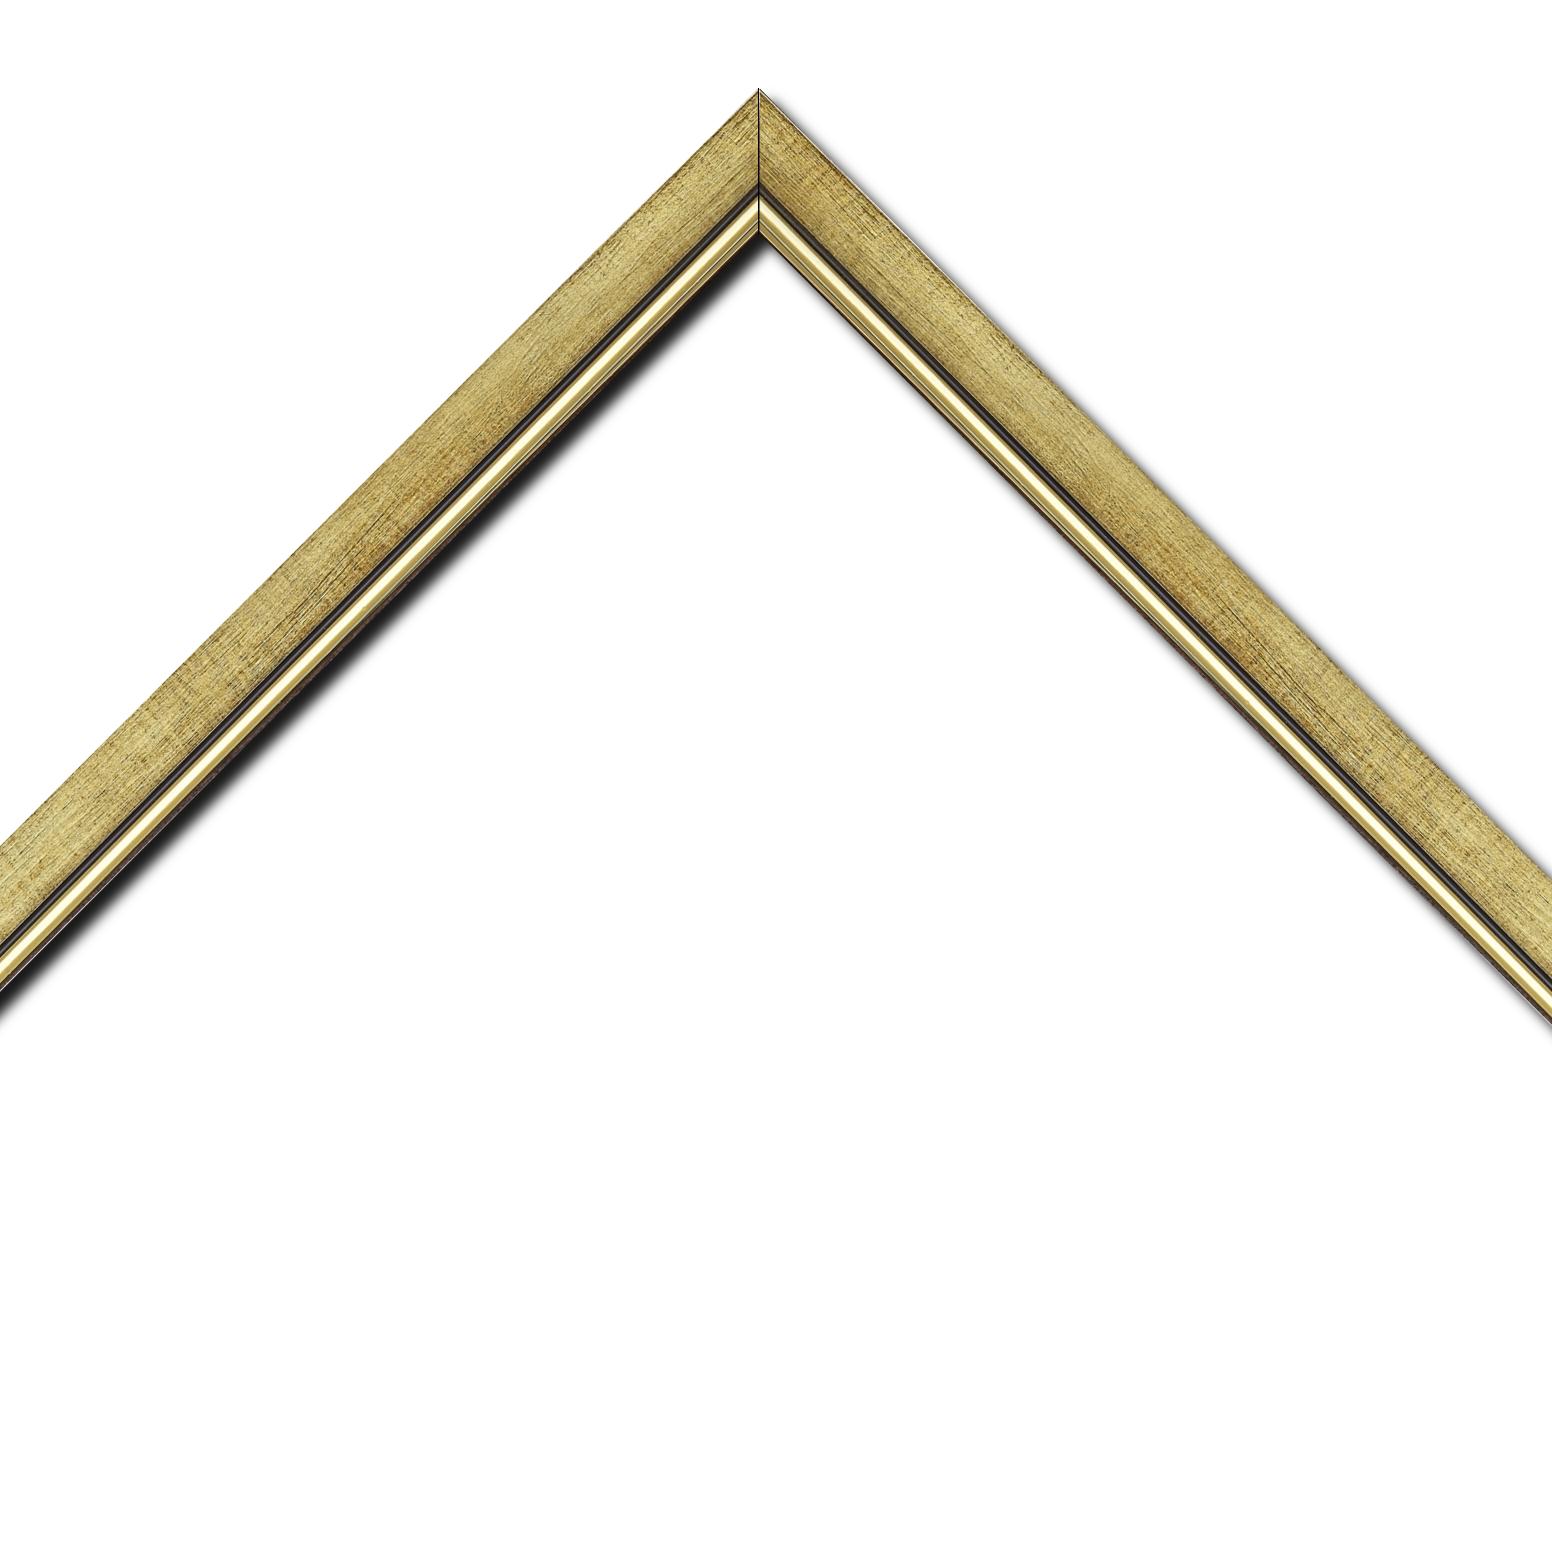 Baguette bois profil plat largeur 2.5cm couleur or filet or surligné noir